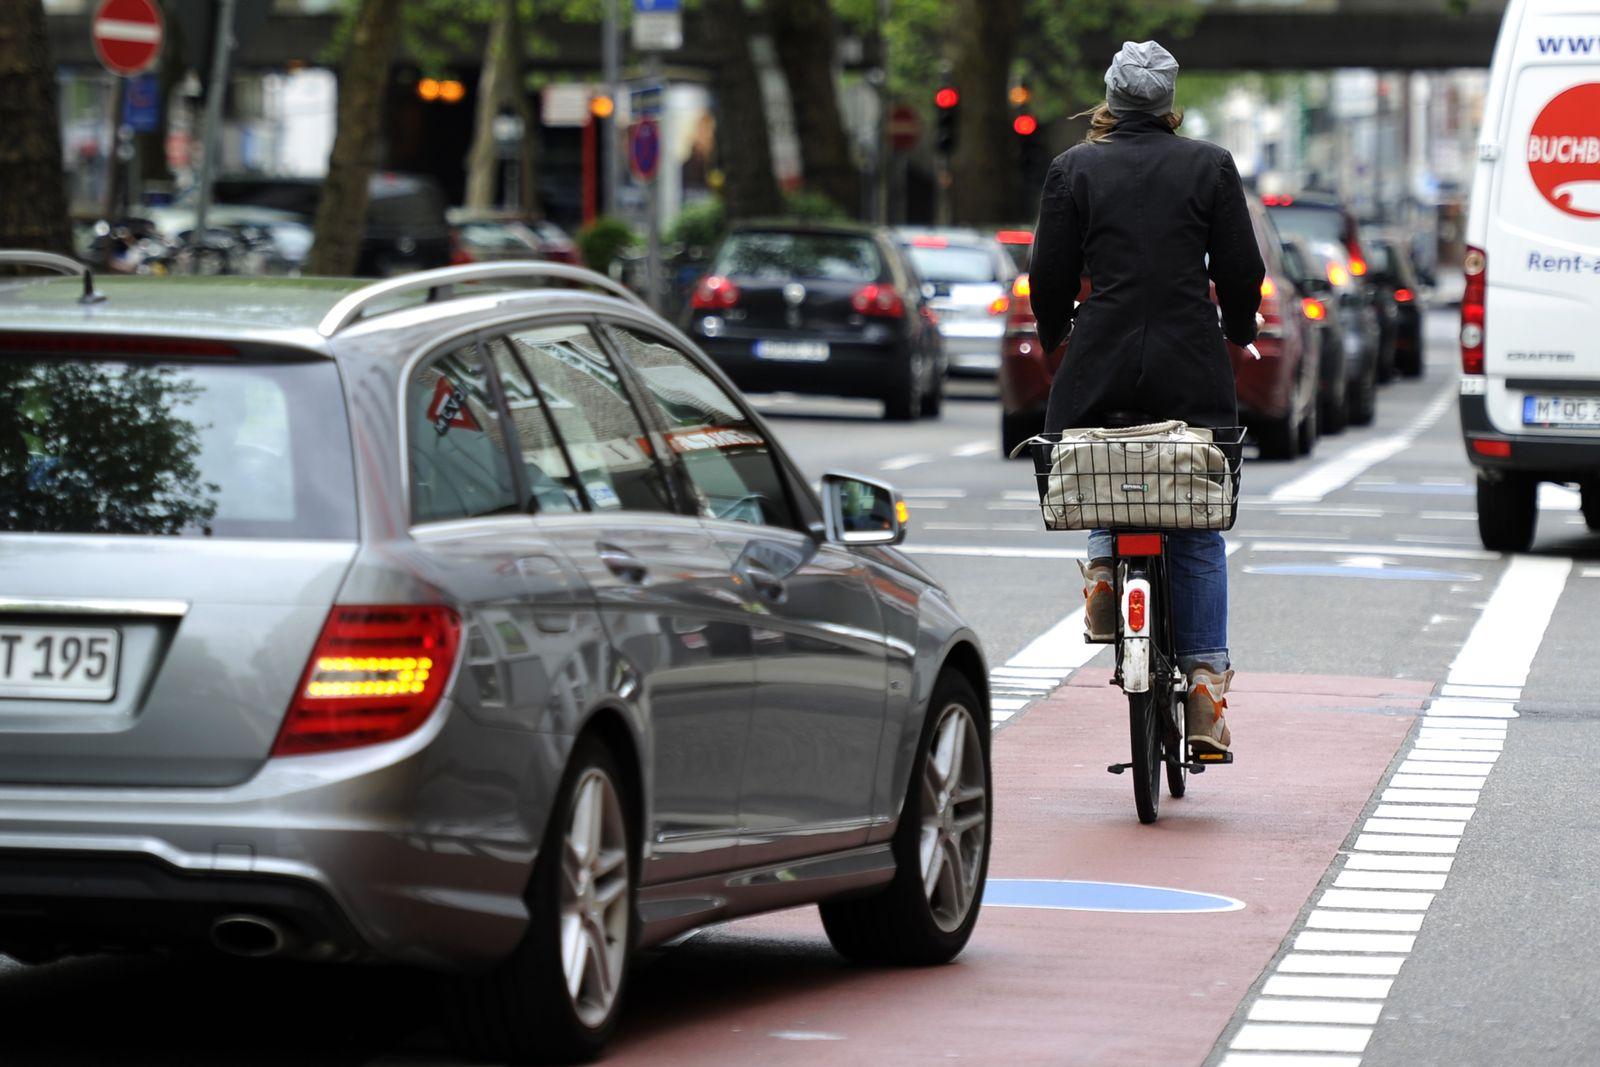 Radfahrer-Ampel / Blinker / Blinken / Abbieger